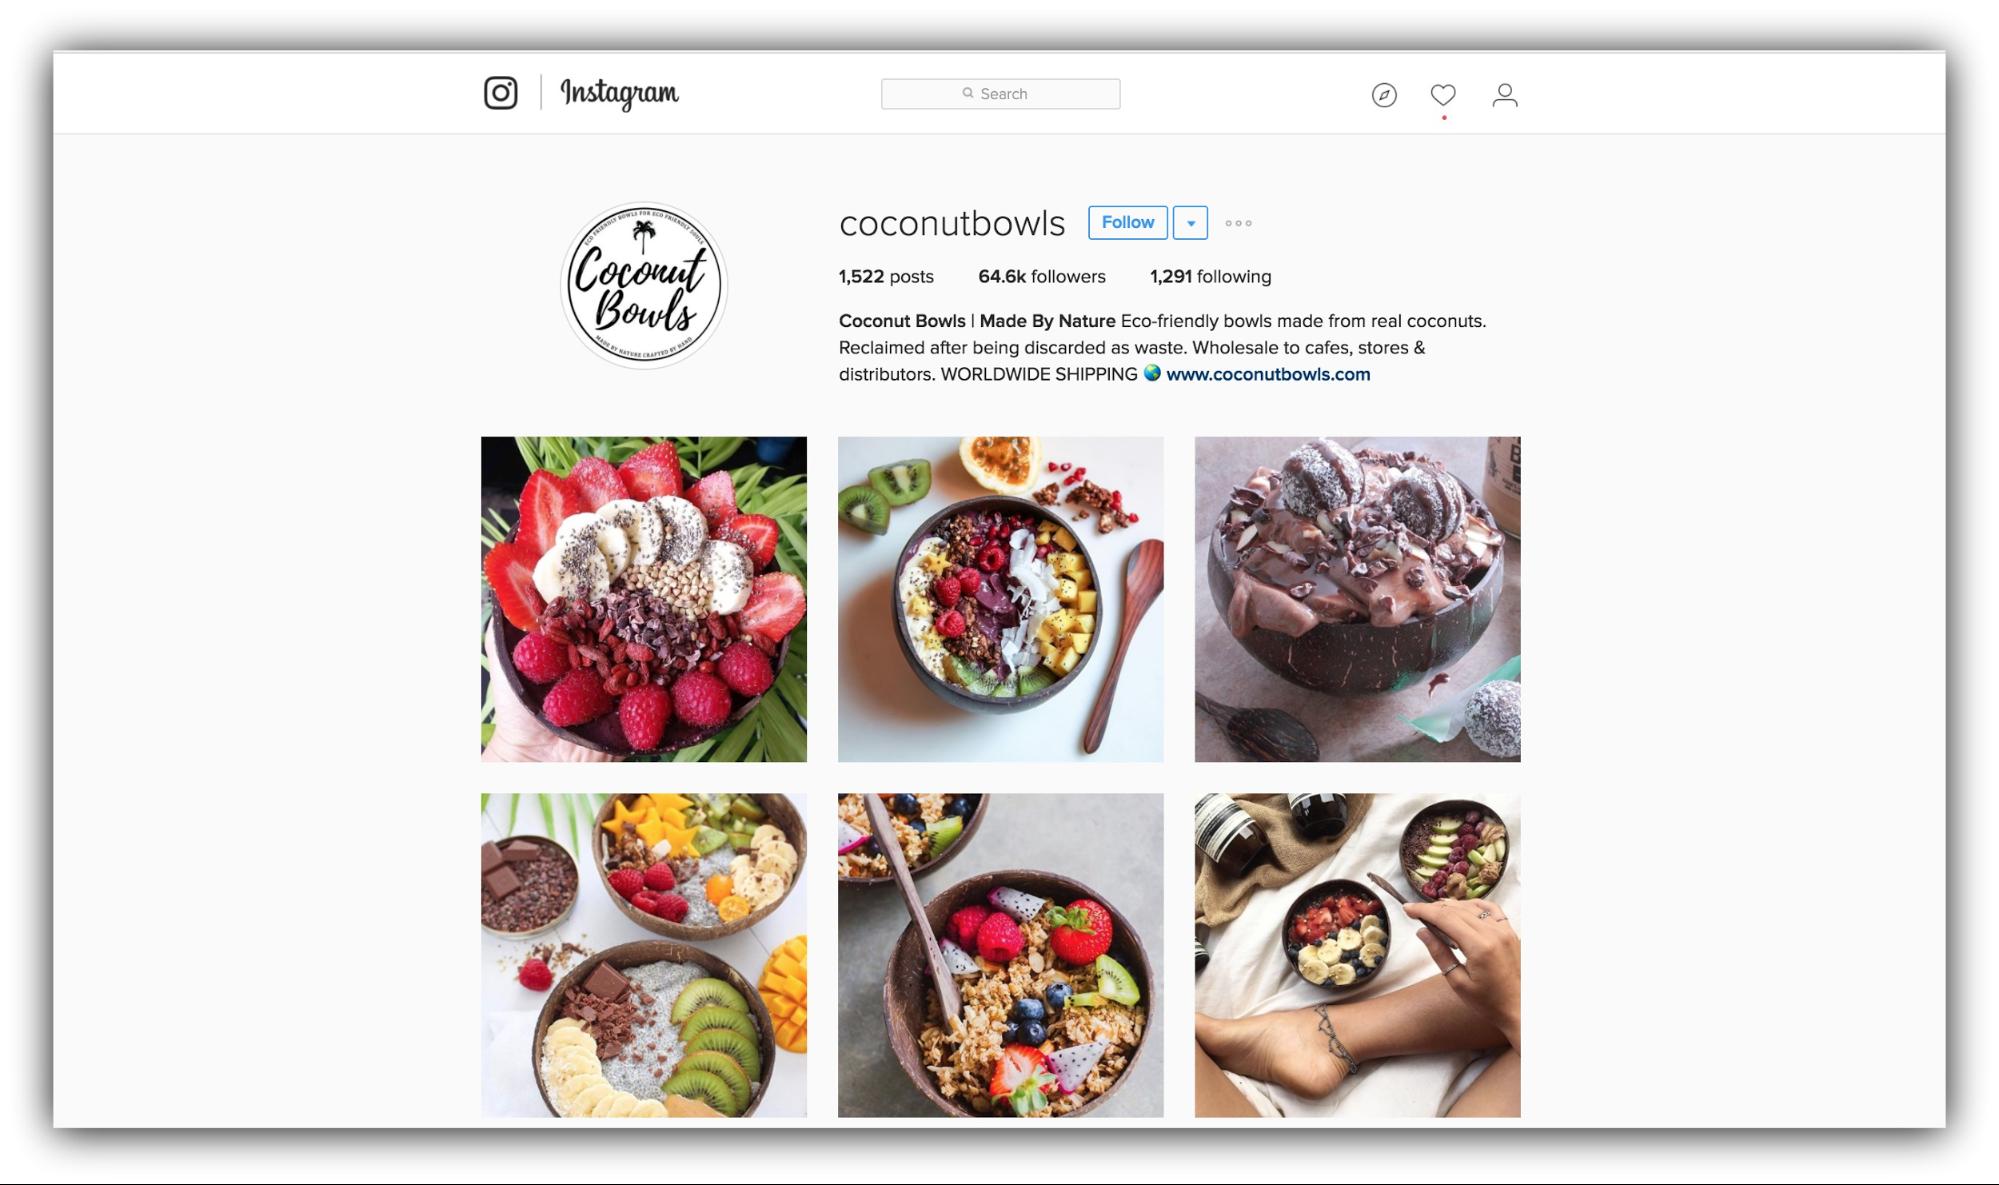 coconutbowls instagram